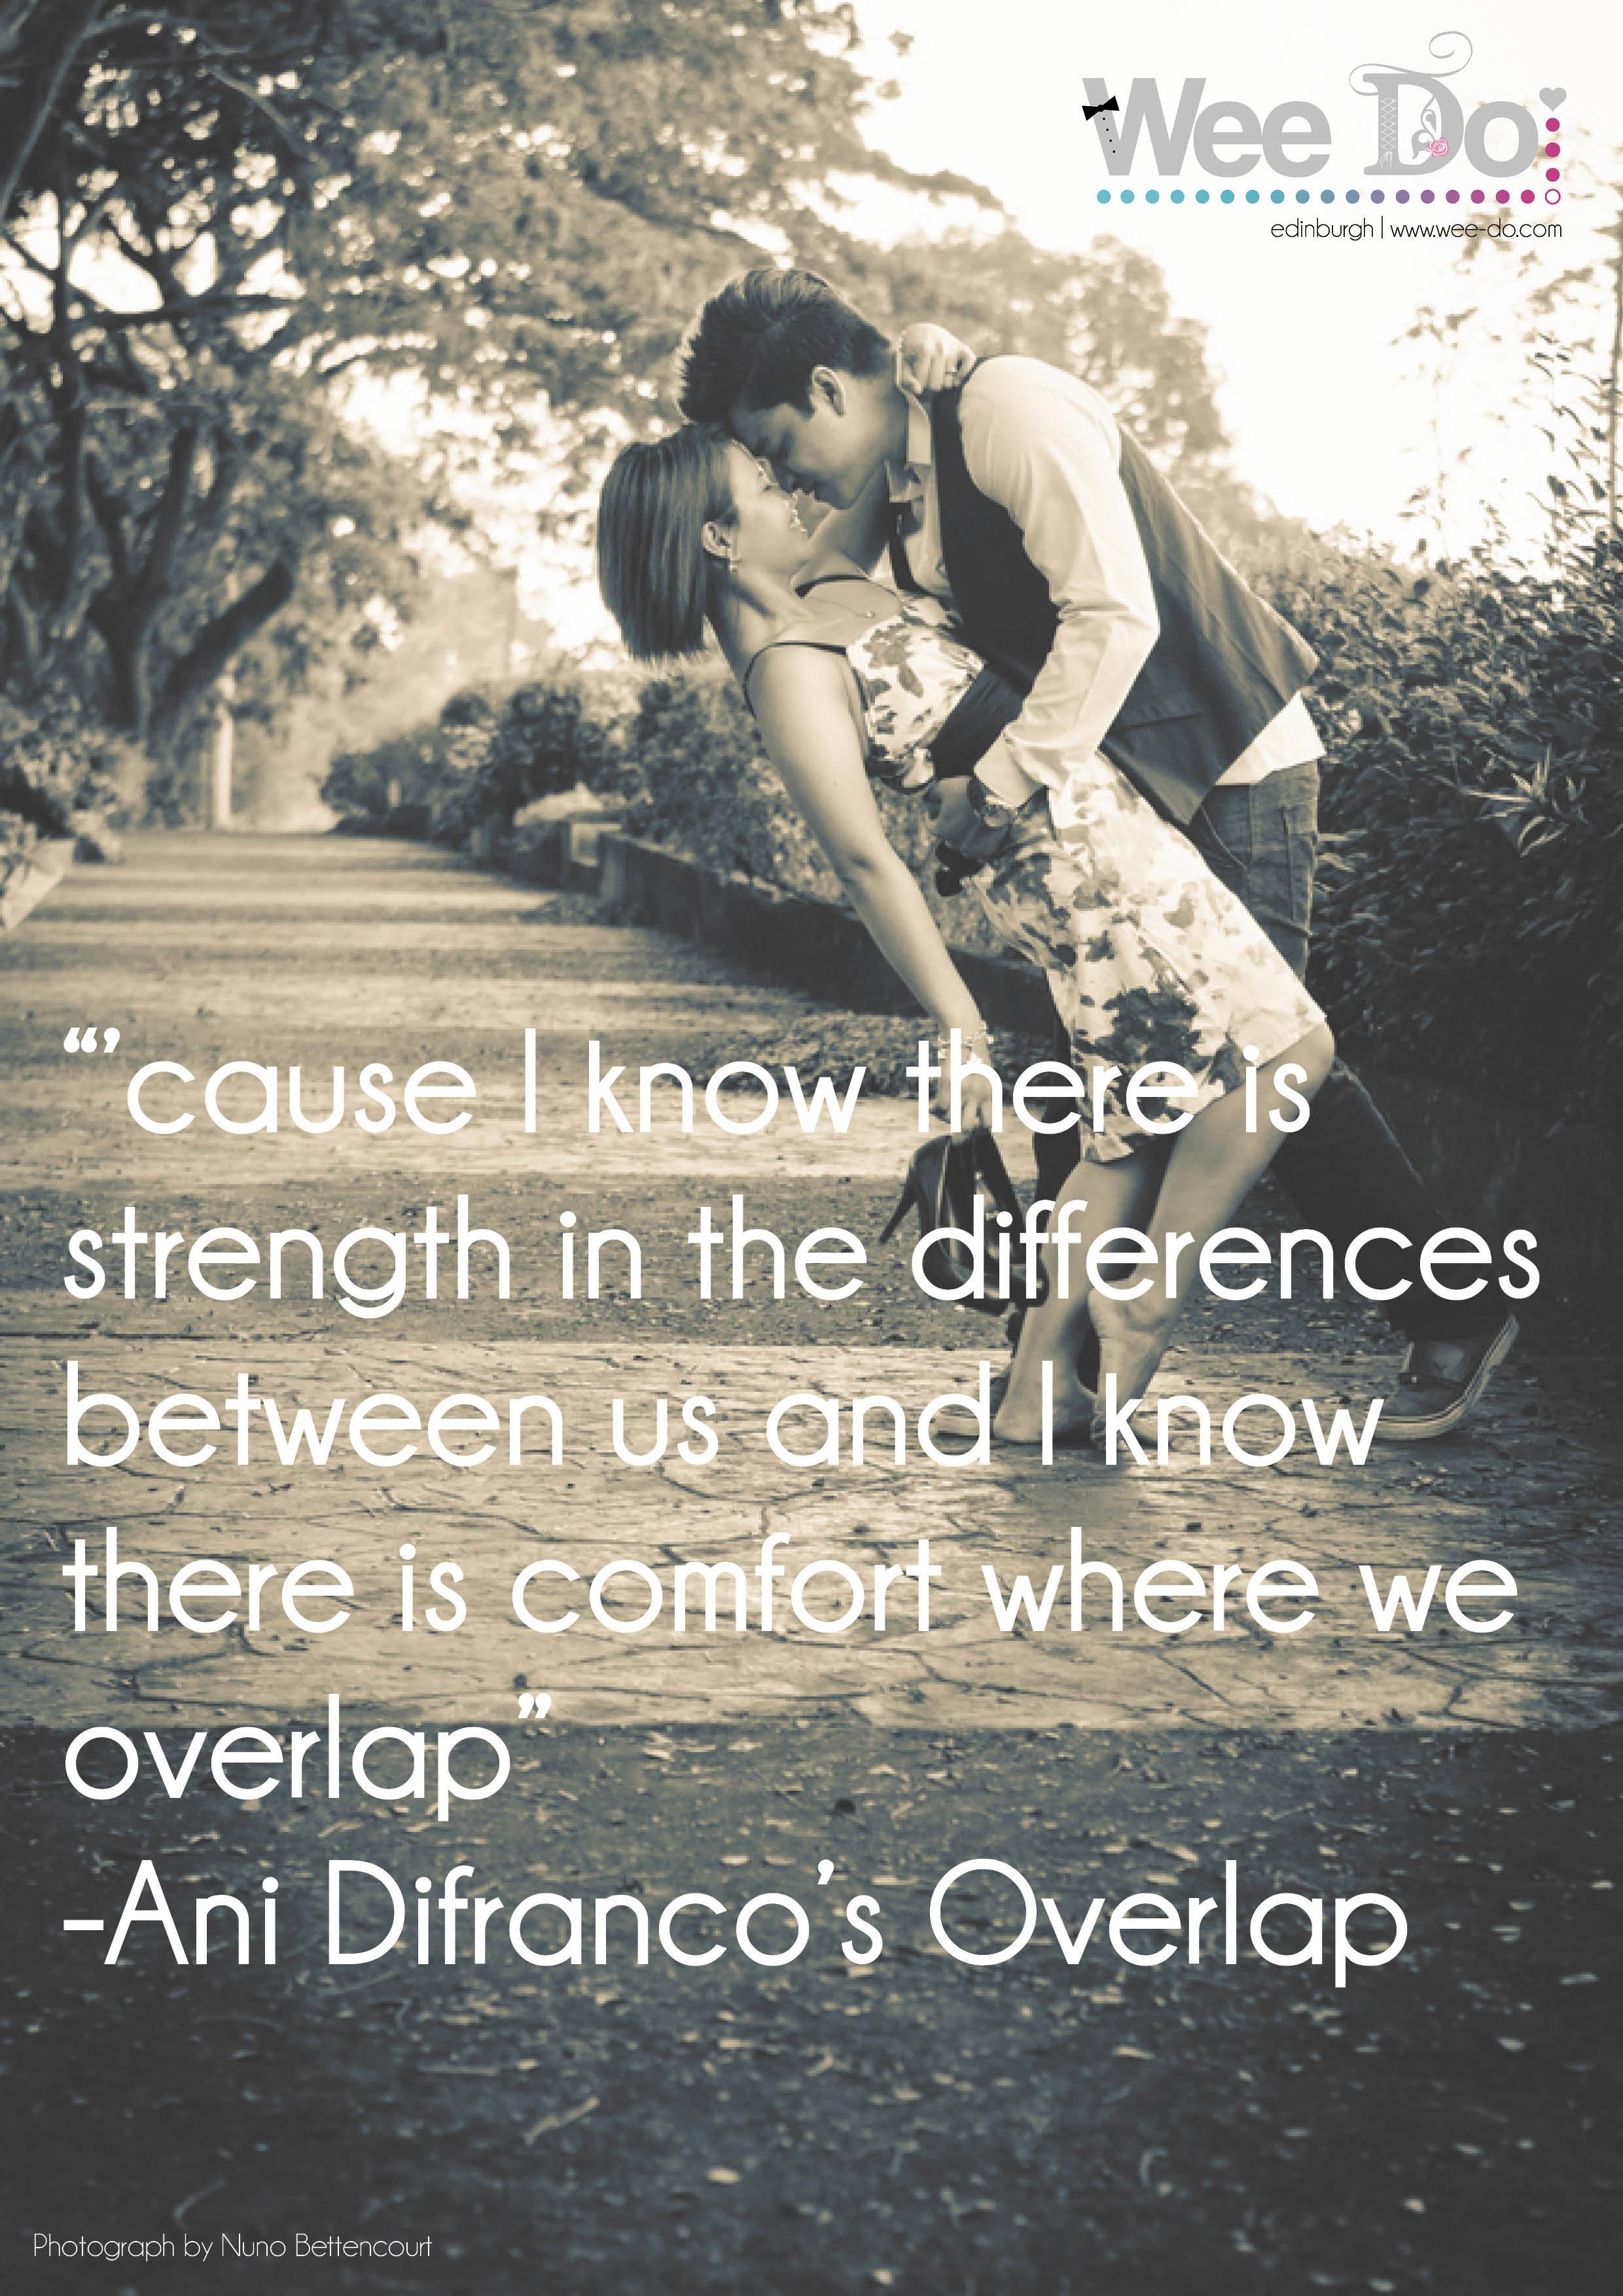 Ani DiFranco's quote #1